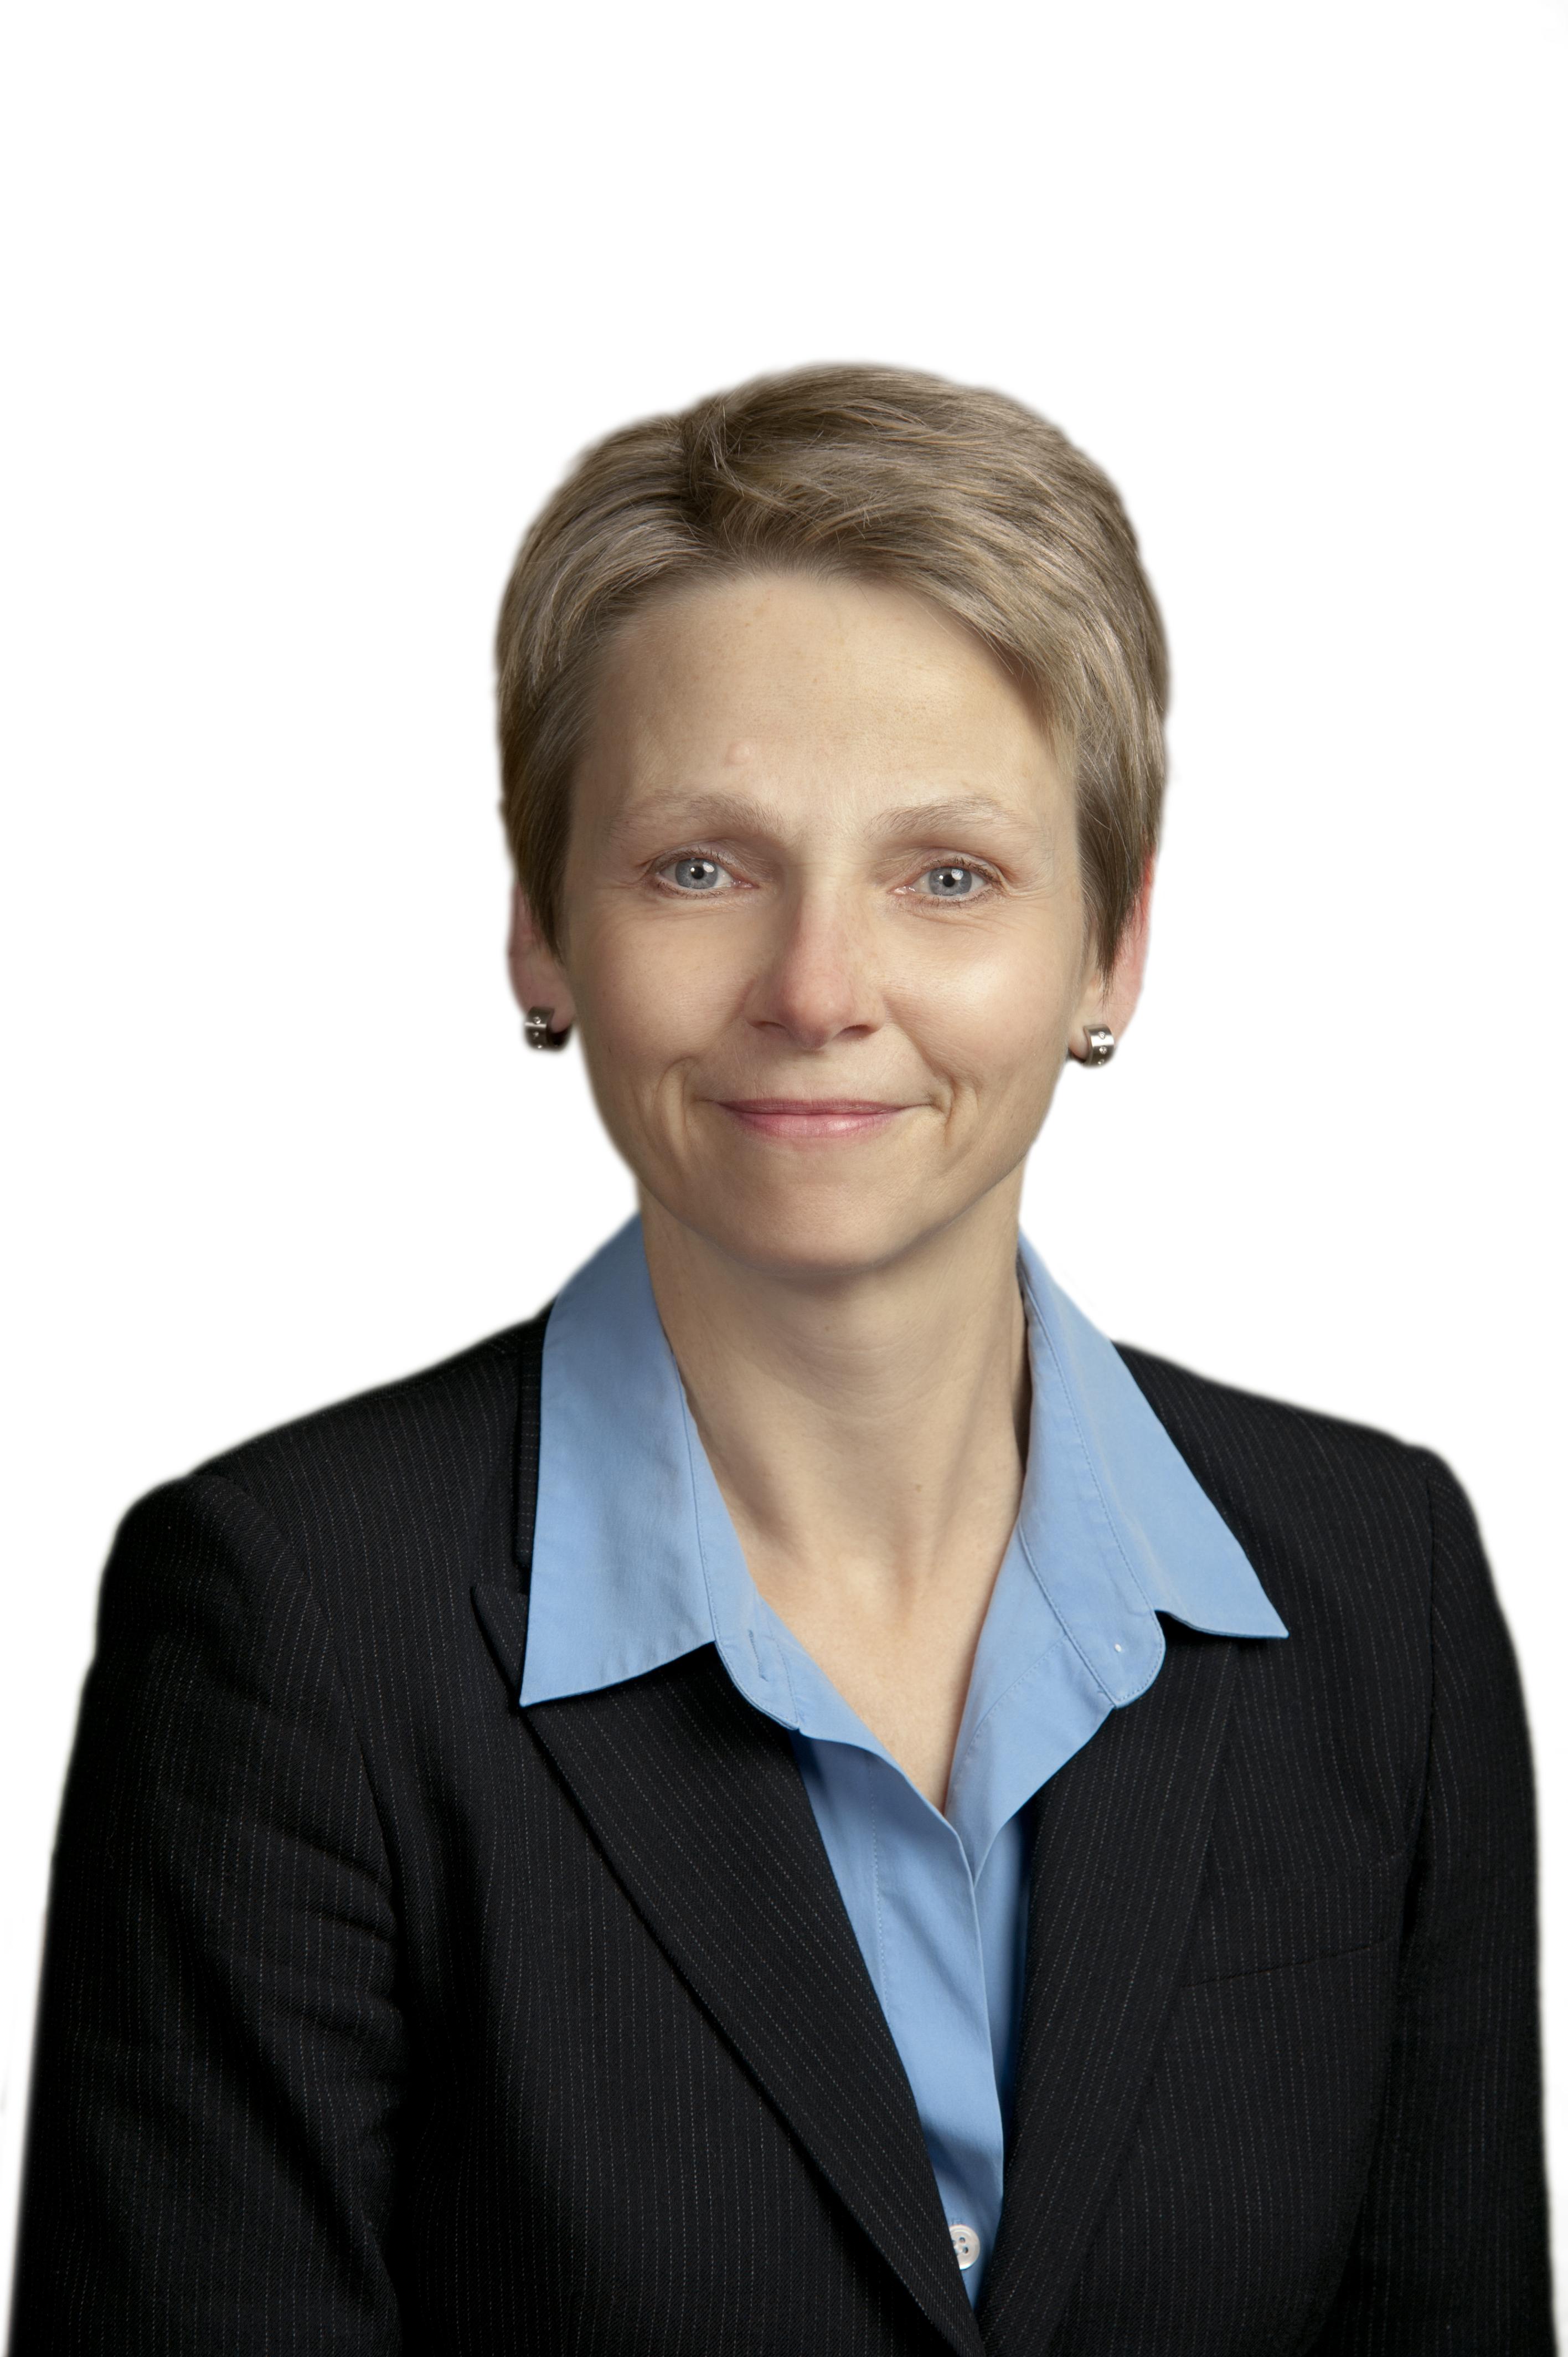 Lisa Philipps